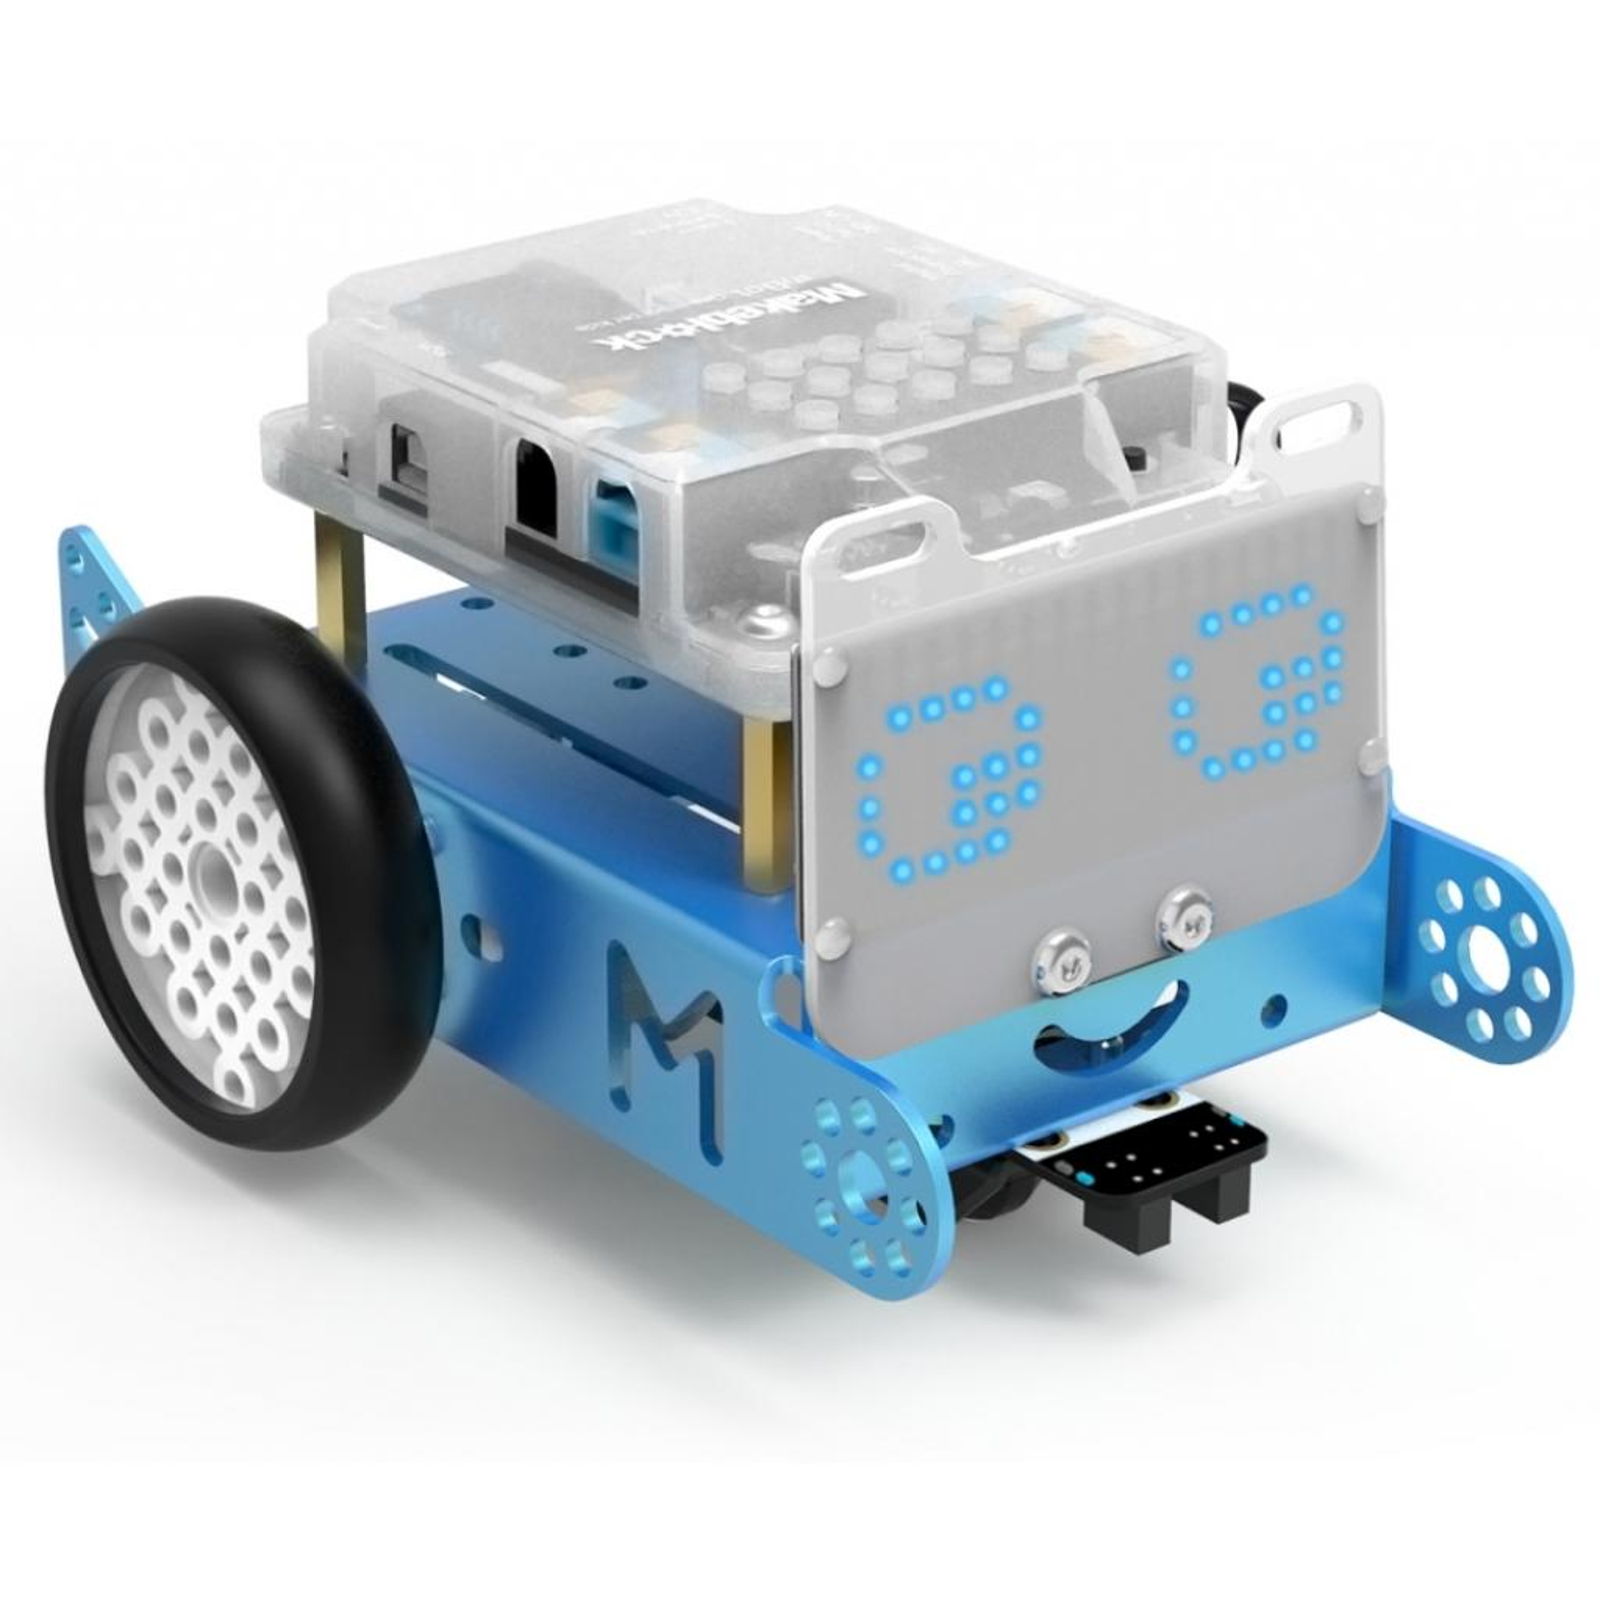 Робот Makeblock mBot S (P1010045) изображение 11